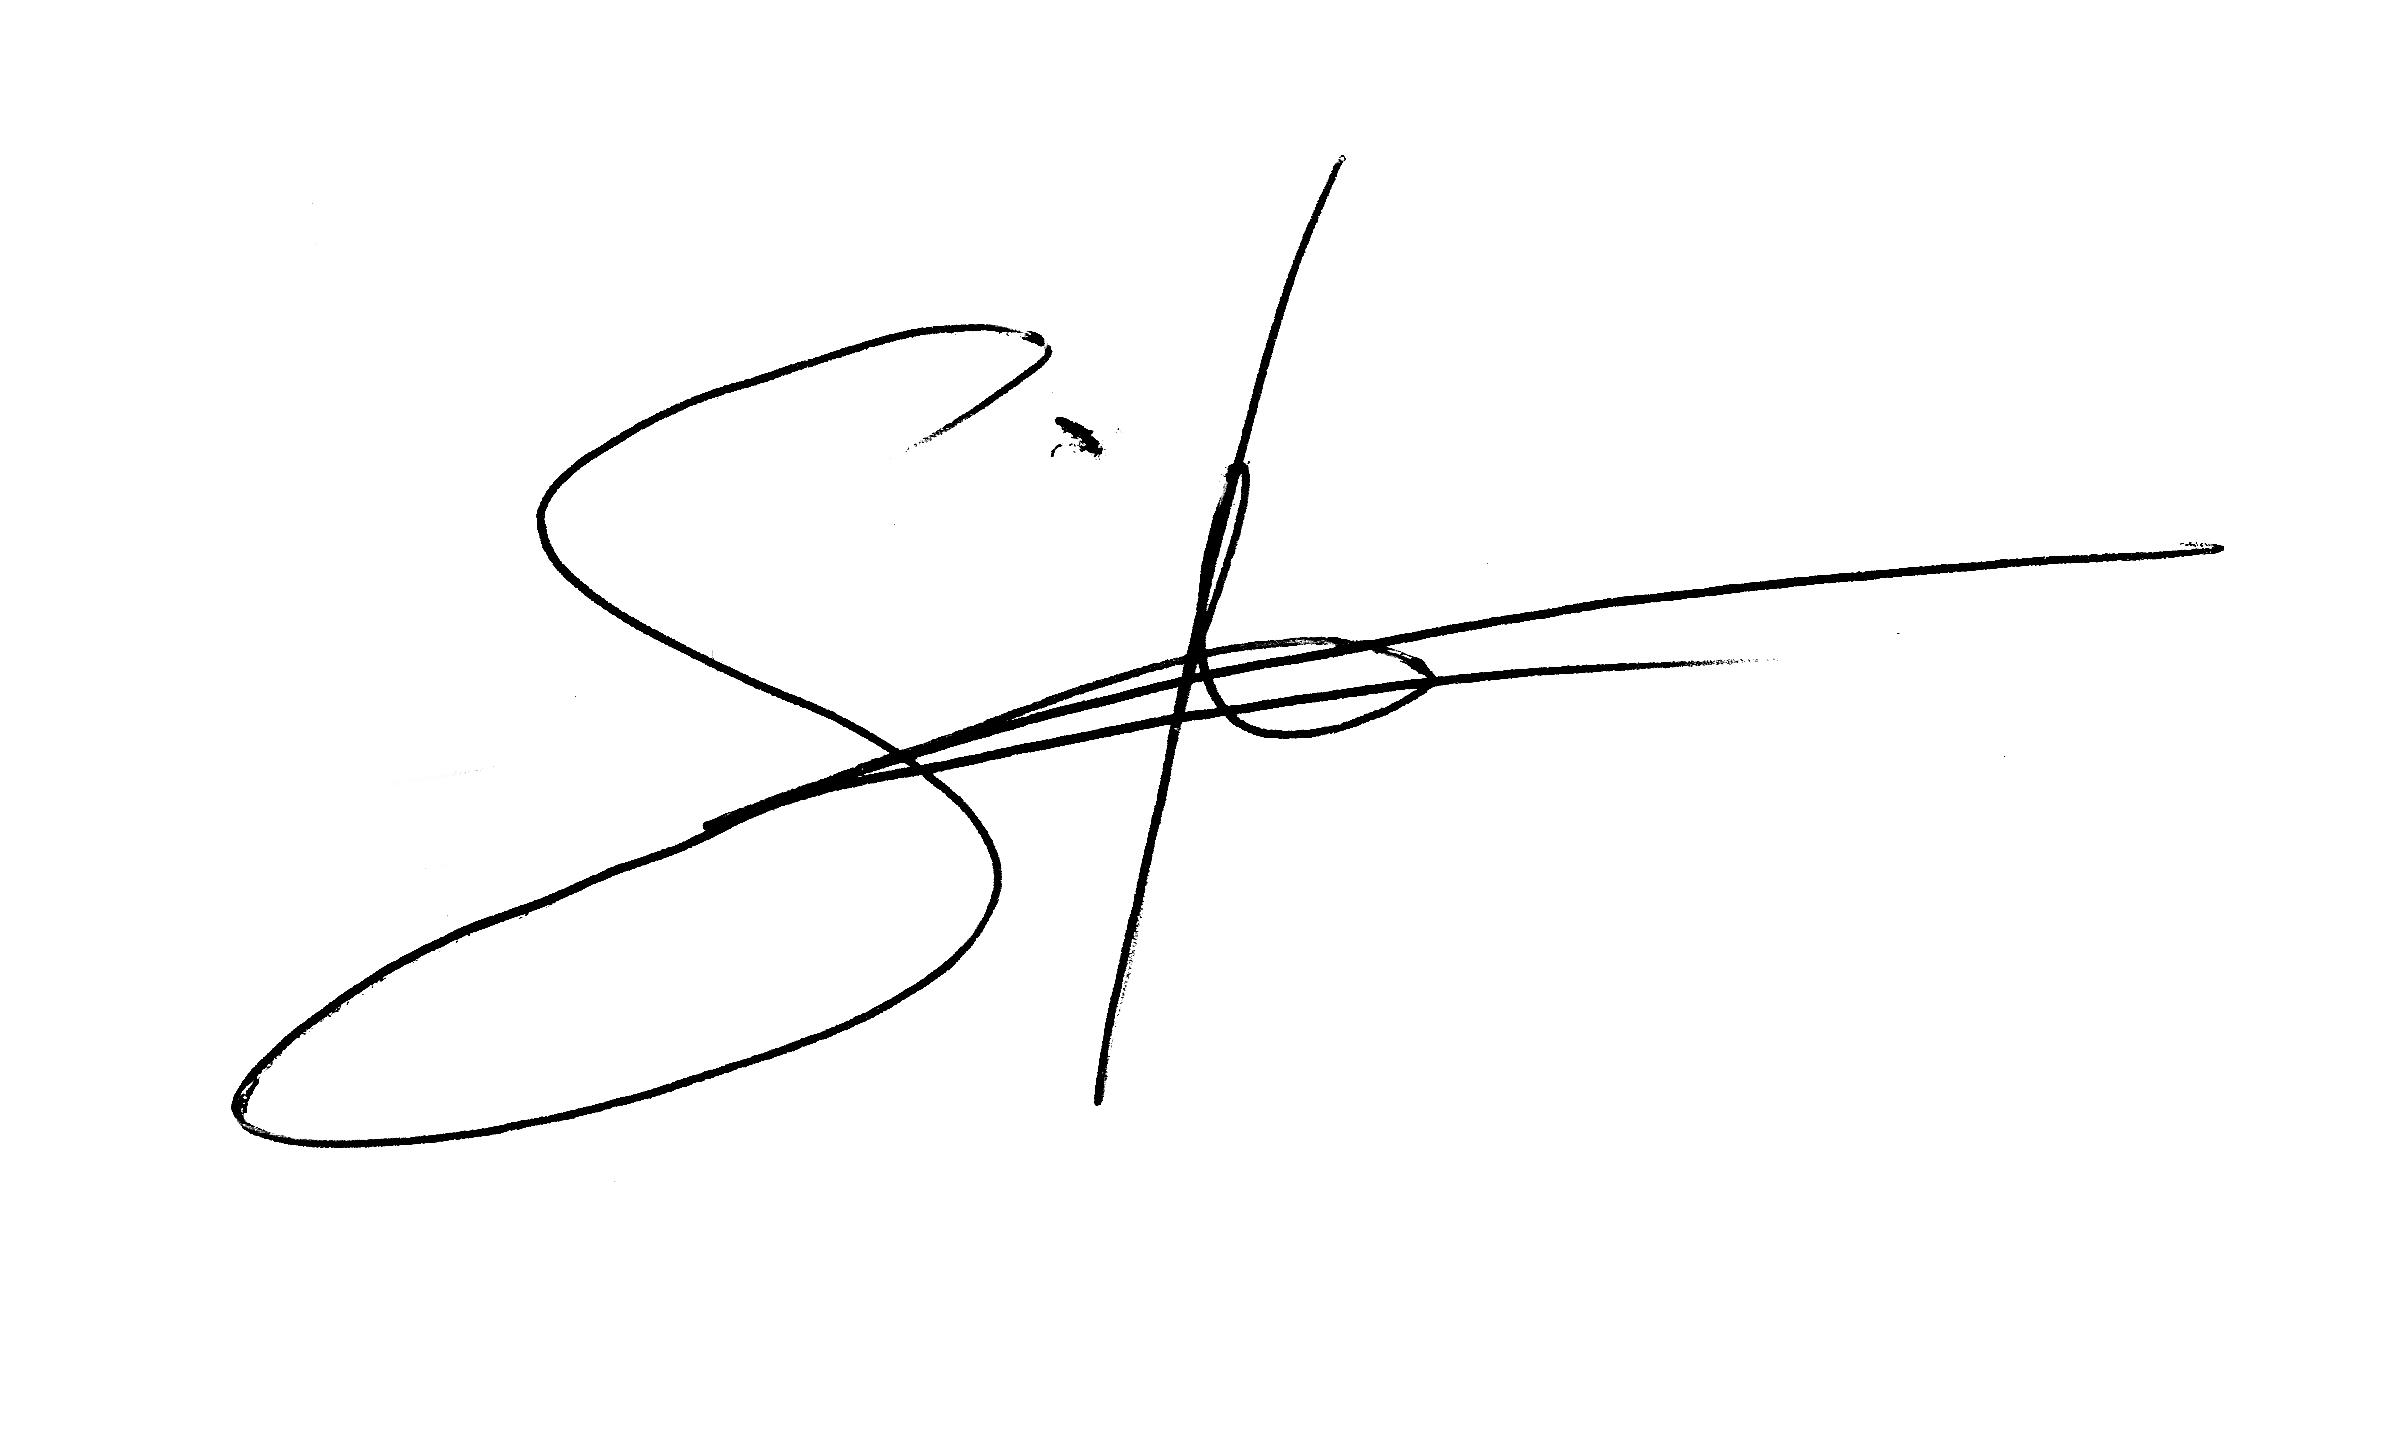 Shun rodnie ablazo's Signature